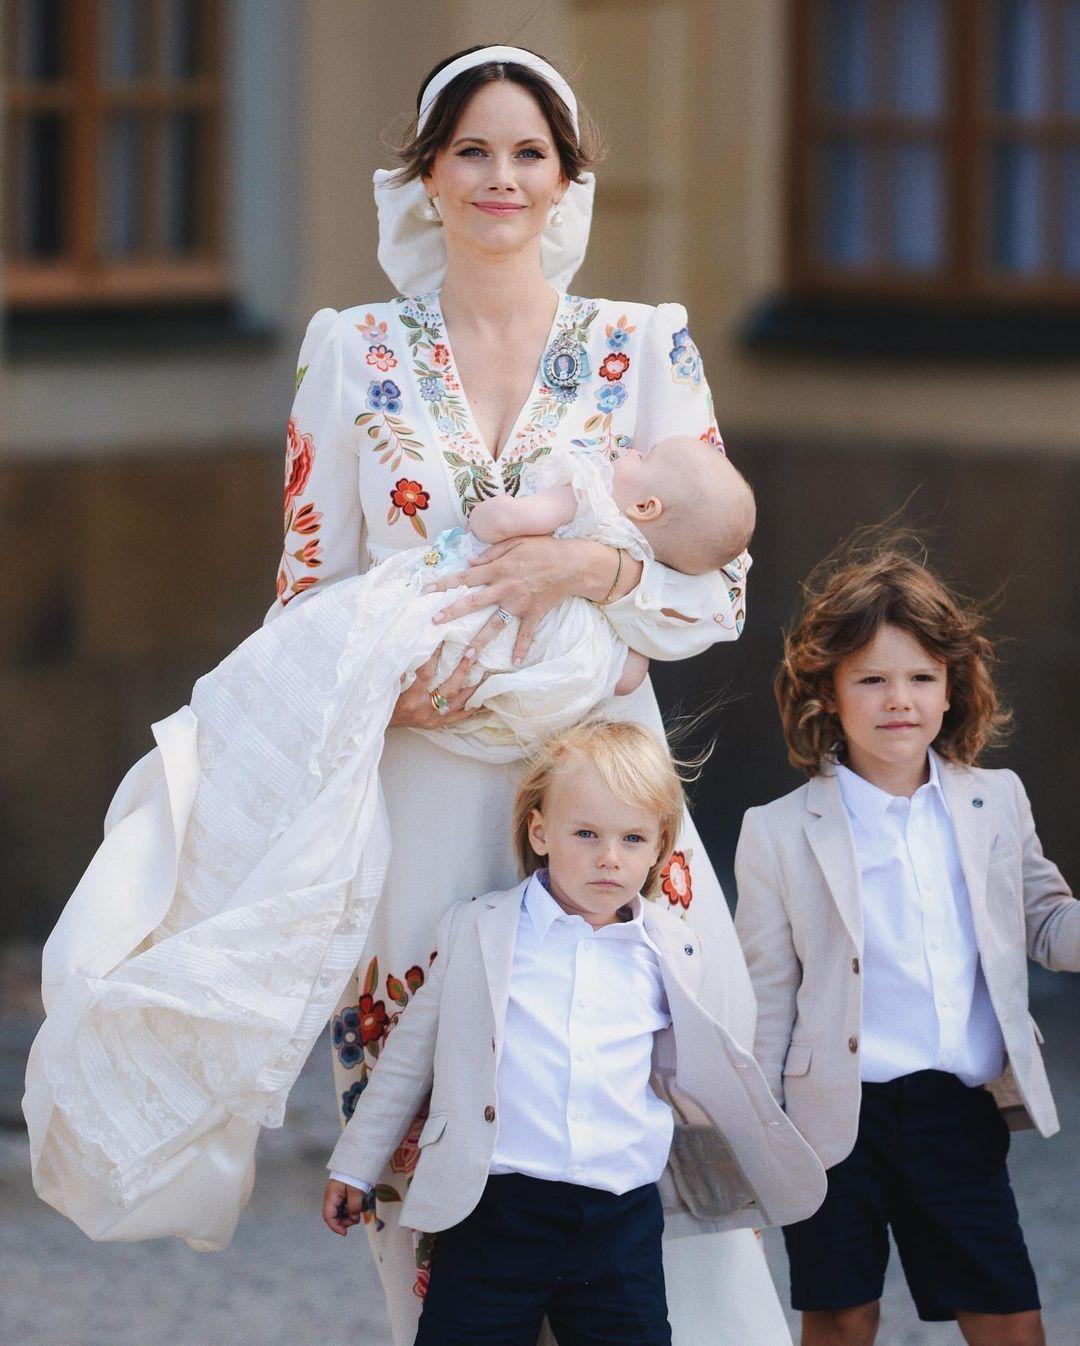 Шведский принц Карл-Филипп ипринцесса София крестили 4-месячного сына (ФОТО) - фото №2